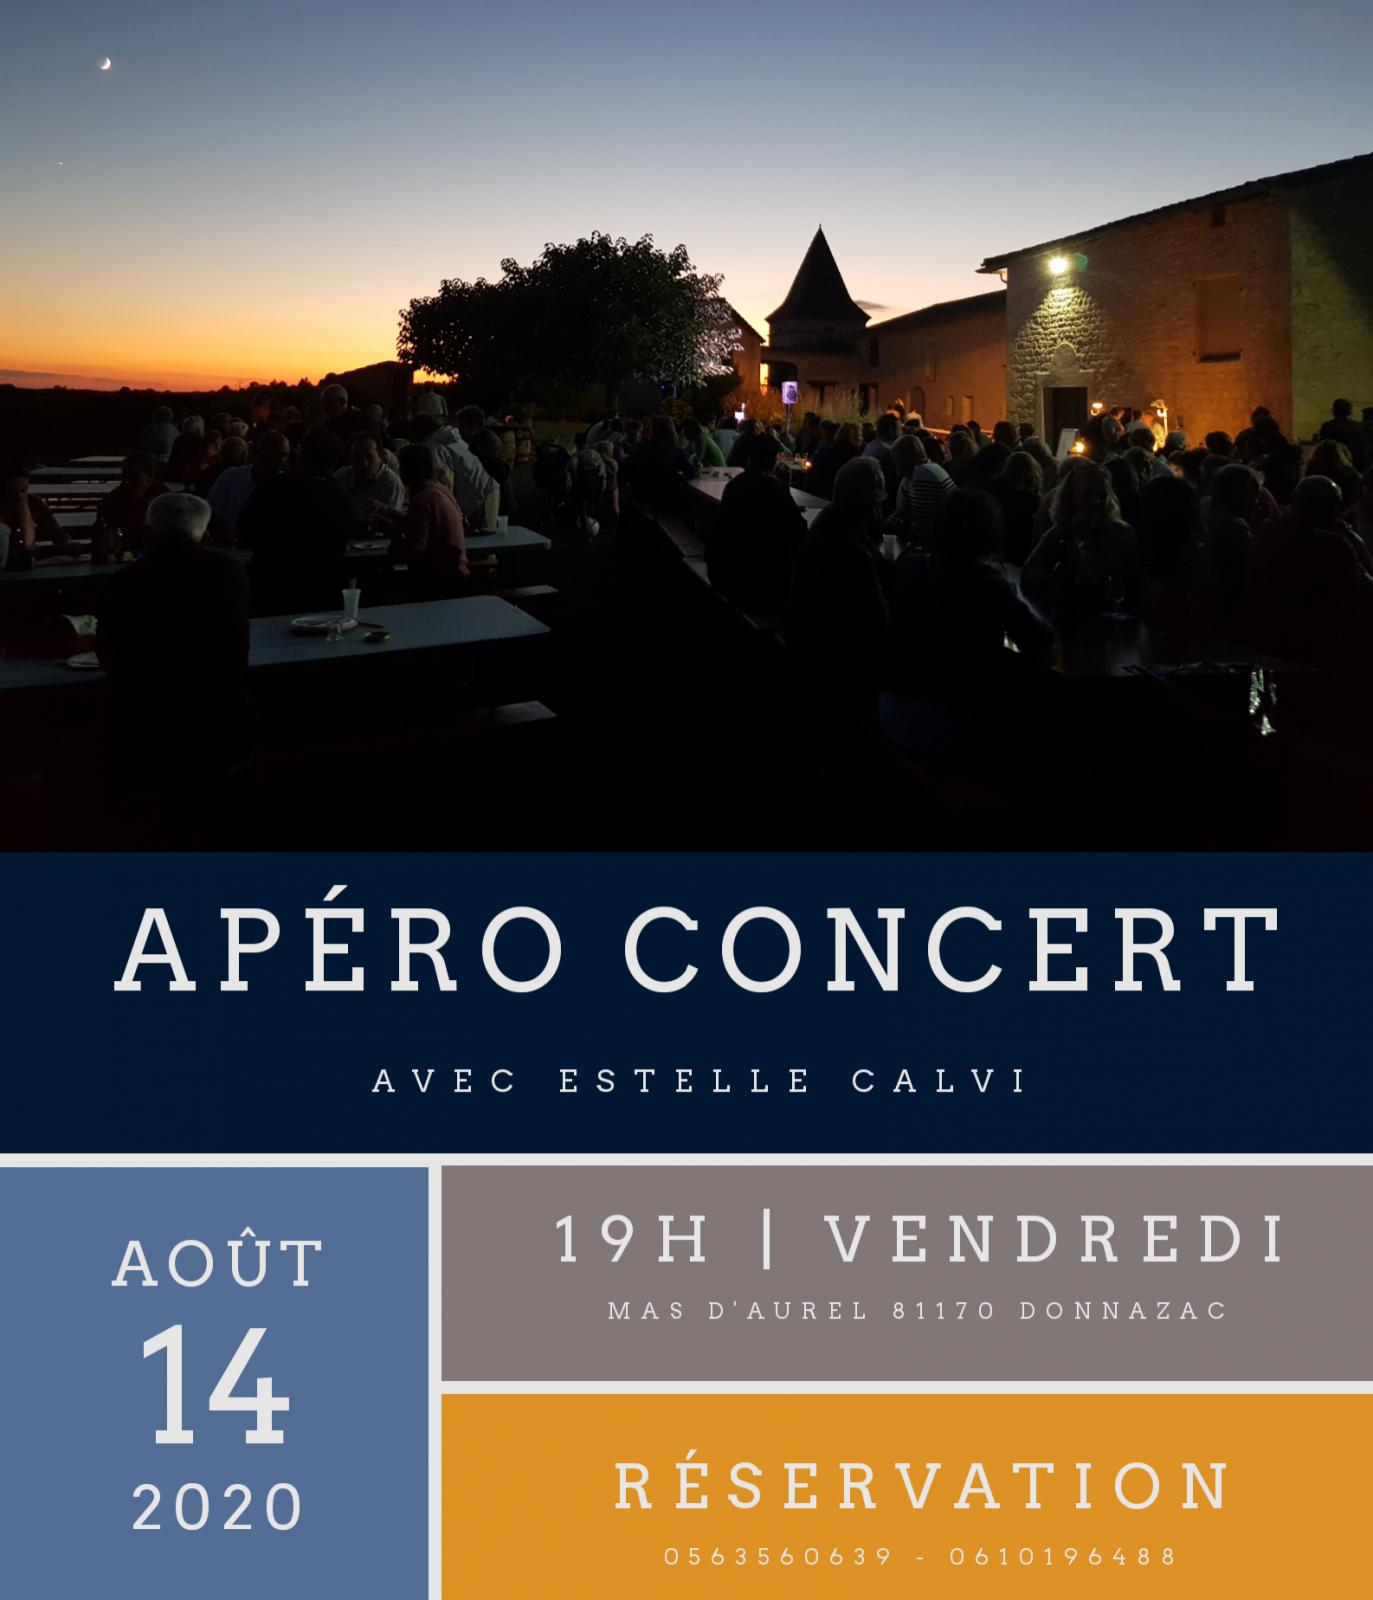 Apéro Concert au Mas d'Aurel